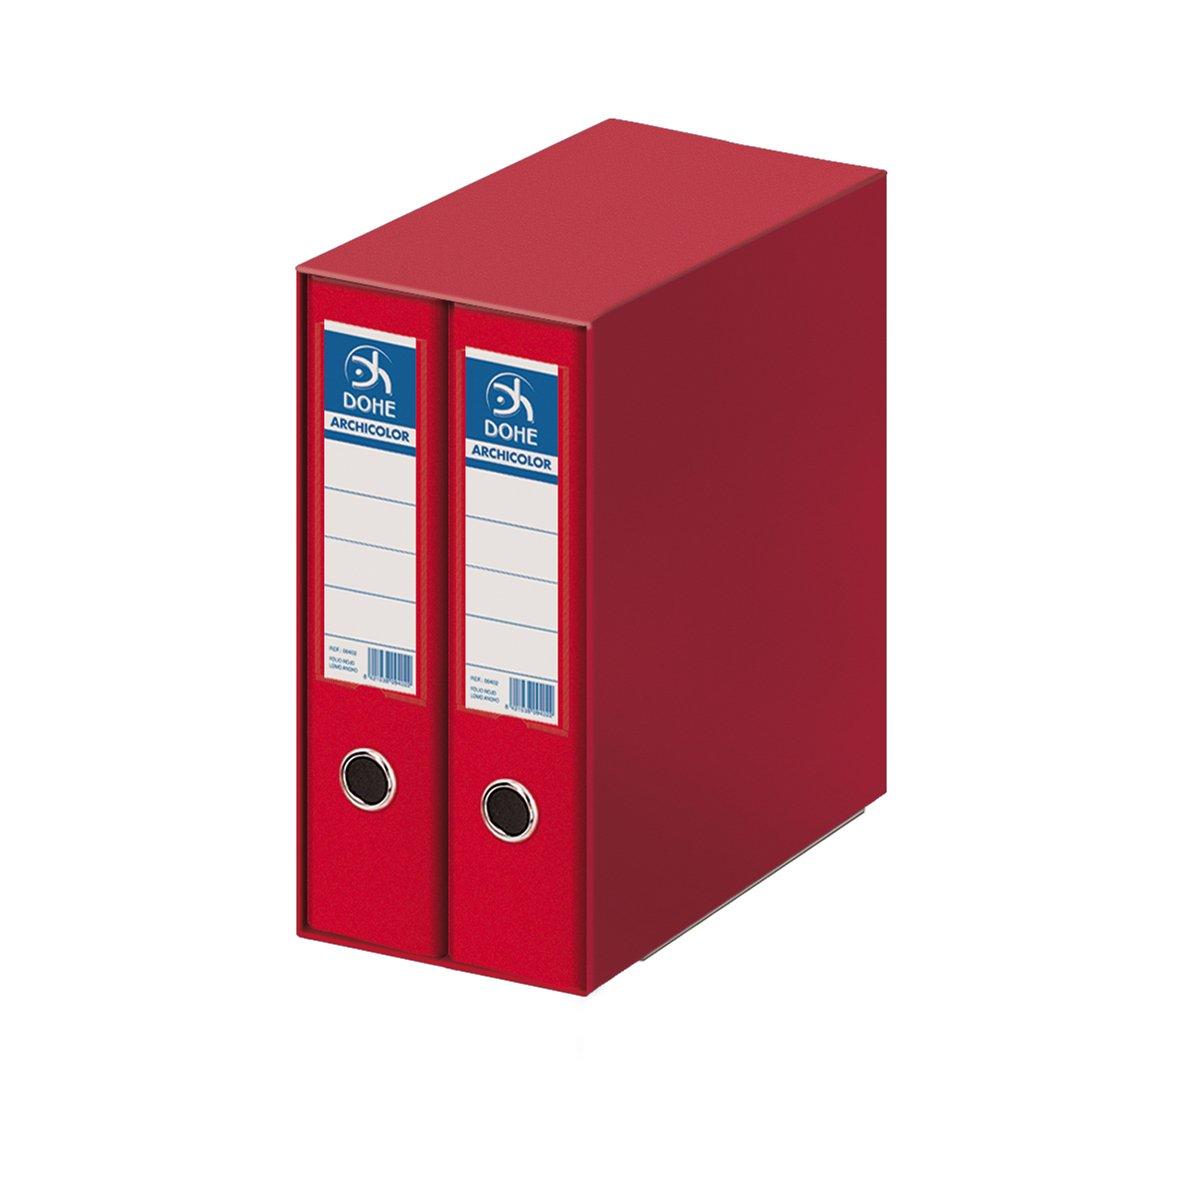 Dohe Archicolor - Módulo 2 archivadores A4, color rojo product image